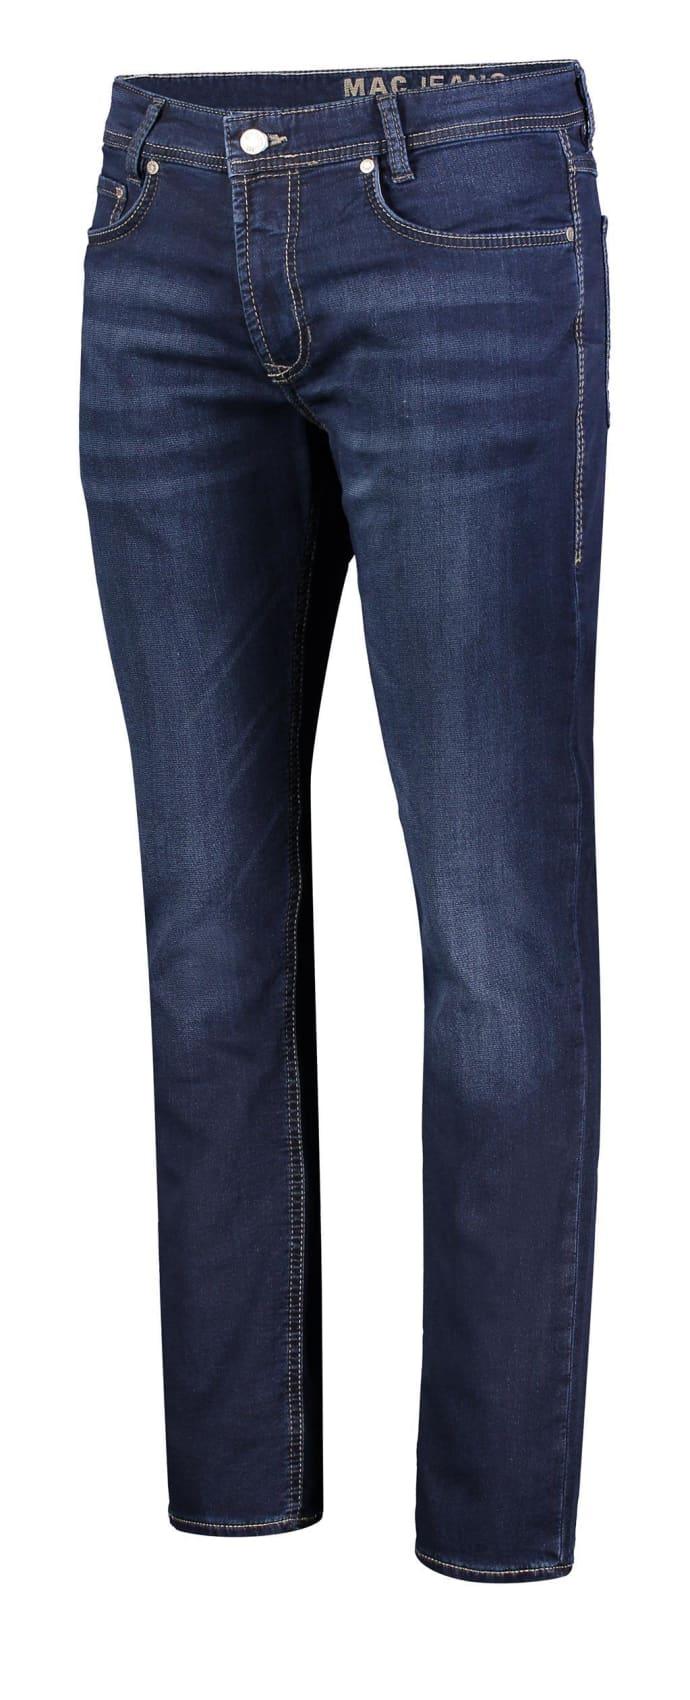 hoch gelobt klassisch kostengünstig Mac Jeans Jog'n Jeans Arne Pipe Dark Blue Jeans - H743